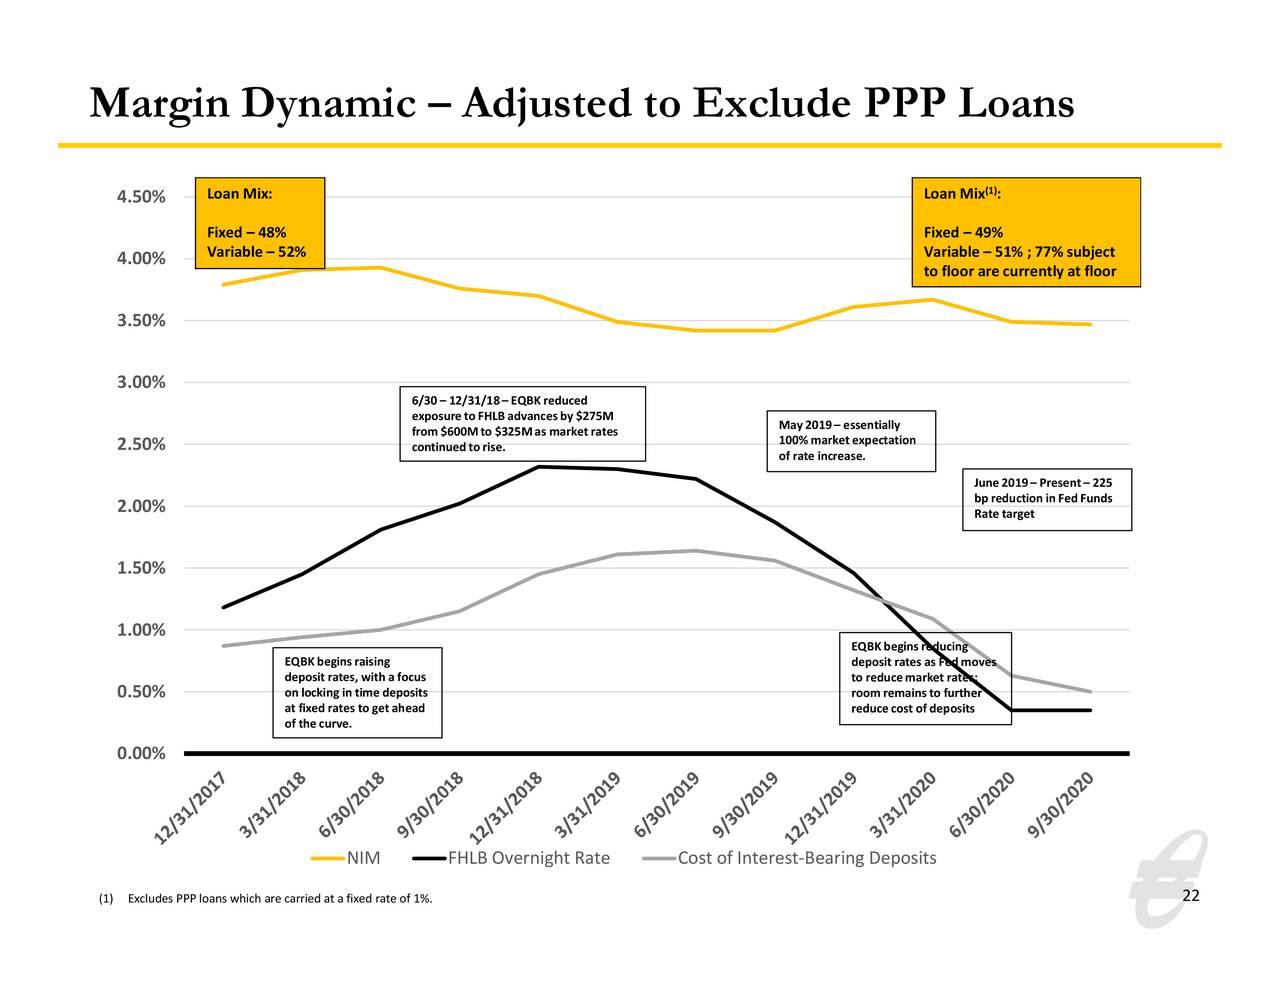 Margen dinámico: ajustado para excluir préstamos PPP